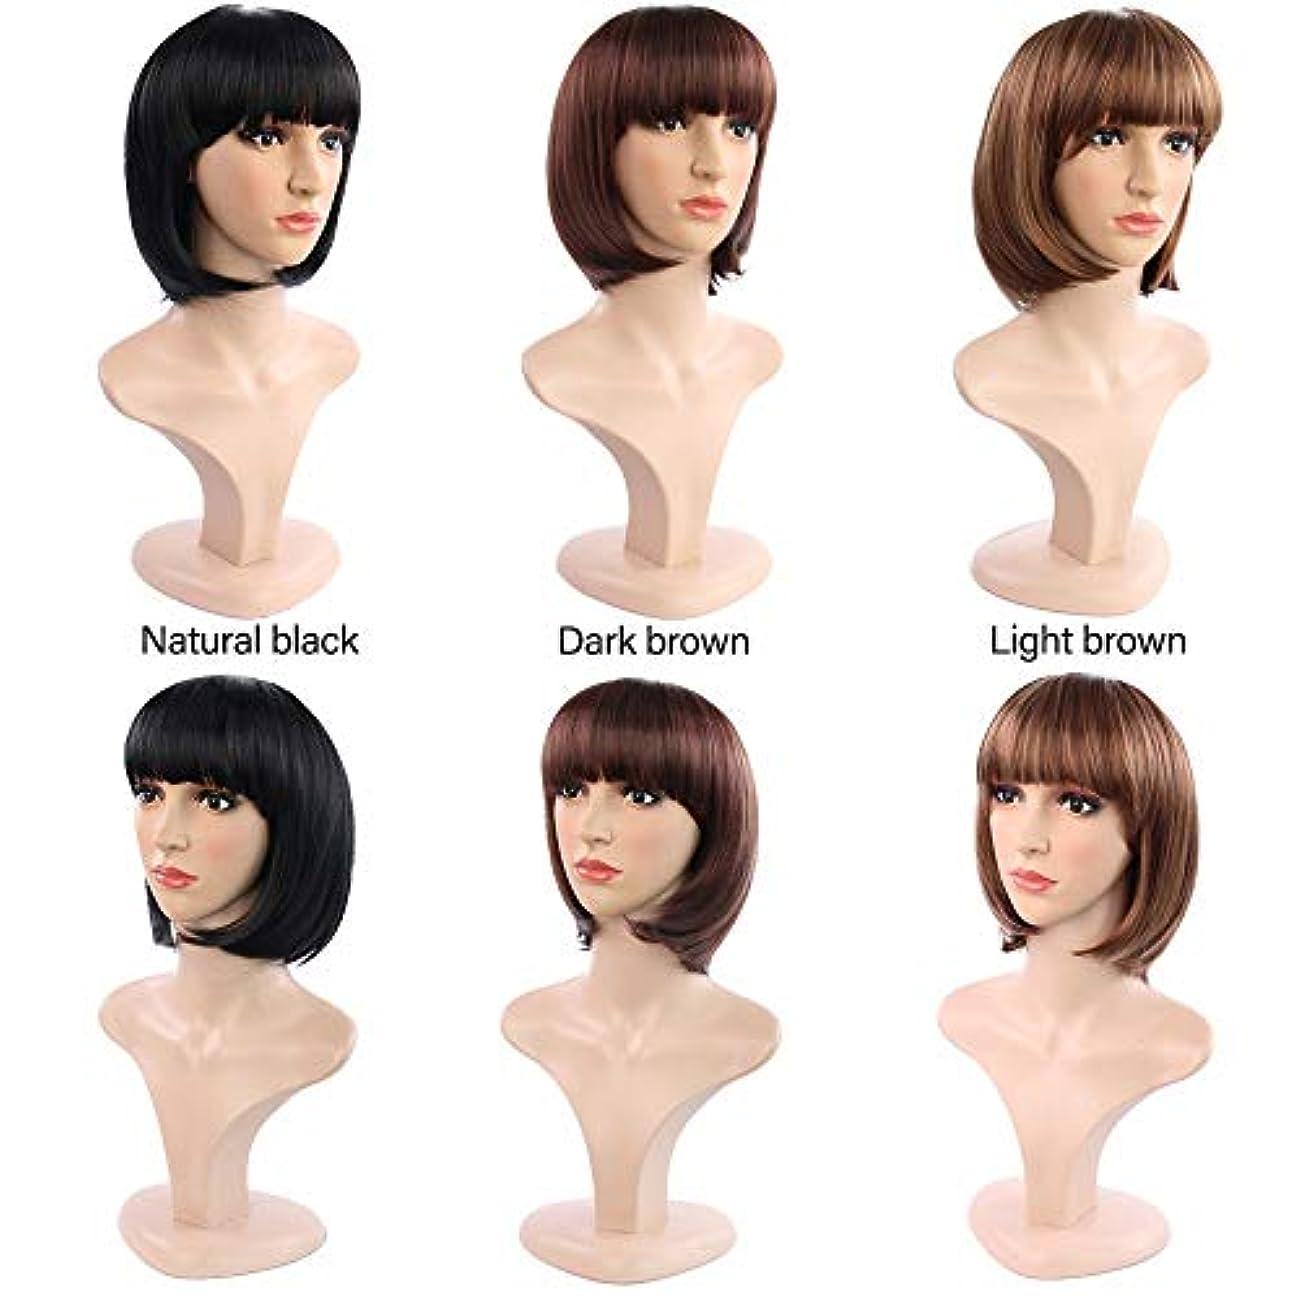 証言する地平線サルベージ平らな前髪の女性の短い巻き毛のかつら、短いボブの巻き毛のかつら、耐熱性の人工的な毛の取り替えのかつら、ハロウィンのコスプレパーティーの衣装のかつら(かつらの帽子と) (Color : Natural black)